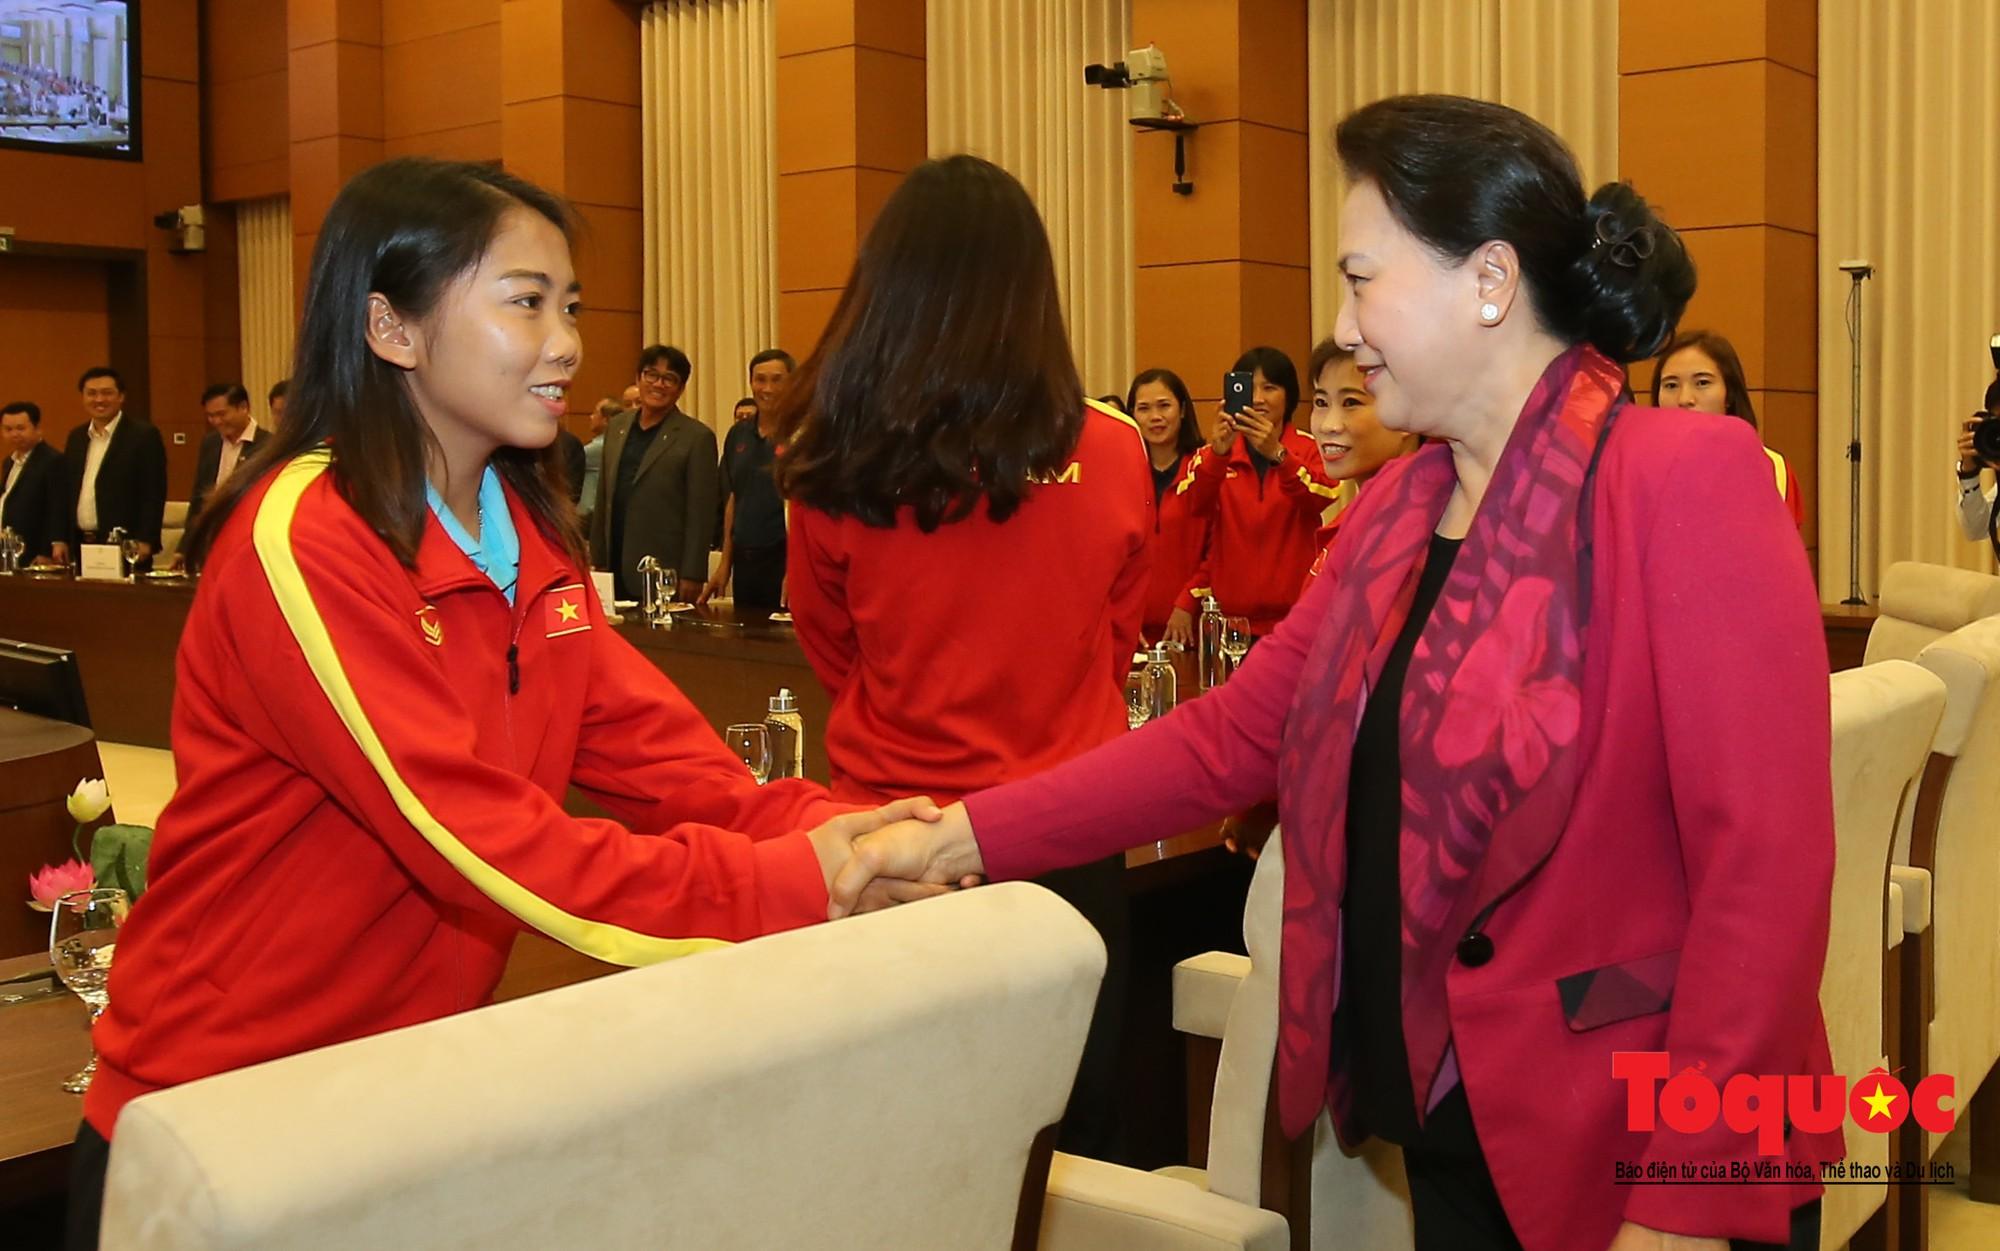 Chủ tịch Quốc hội Nguyễn Thị Kim Ngân: Bóng đá nam nhìn thành tích bóng đá nữ còn phải mơ ước dài2